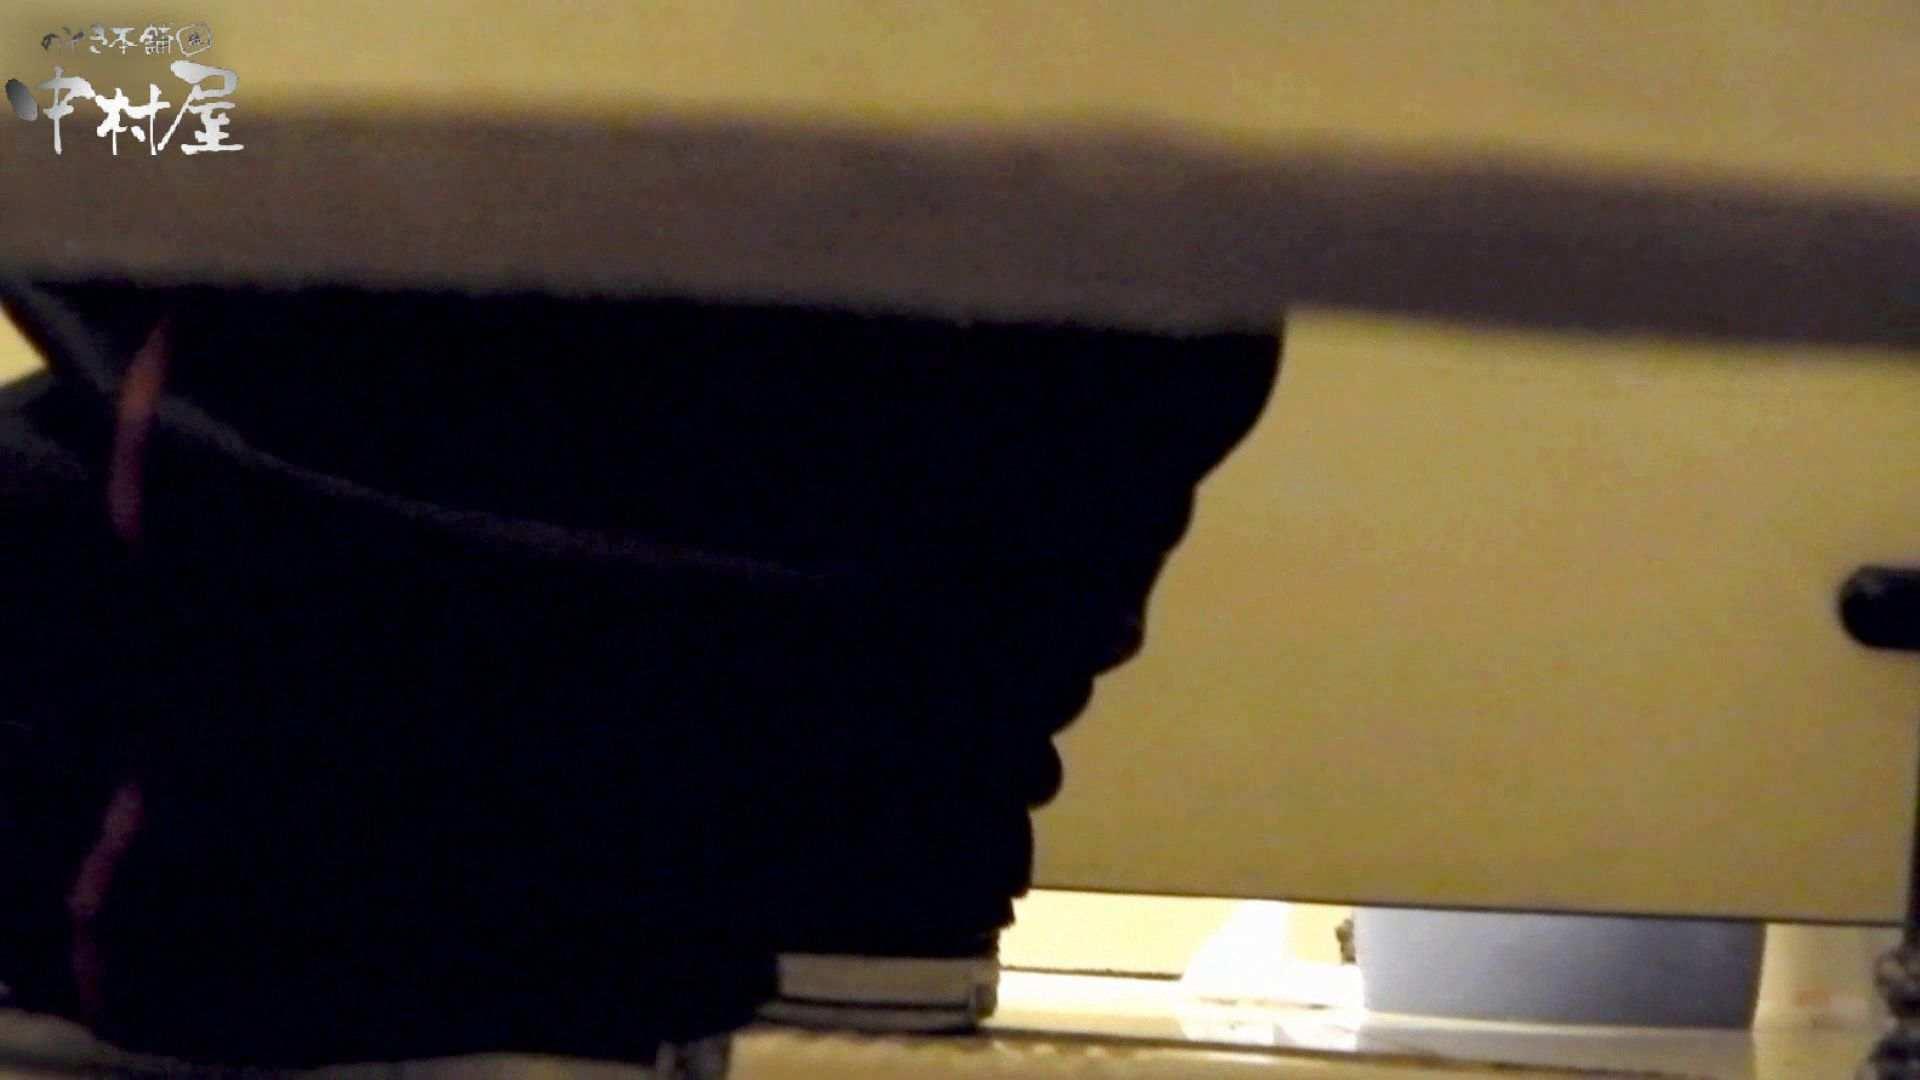 新世界の射窓 No70 世界の窓70 八頭身美女のエロい中腰 美女丸裸  86pic 48